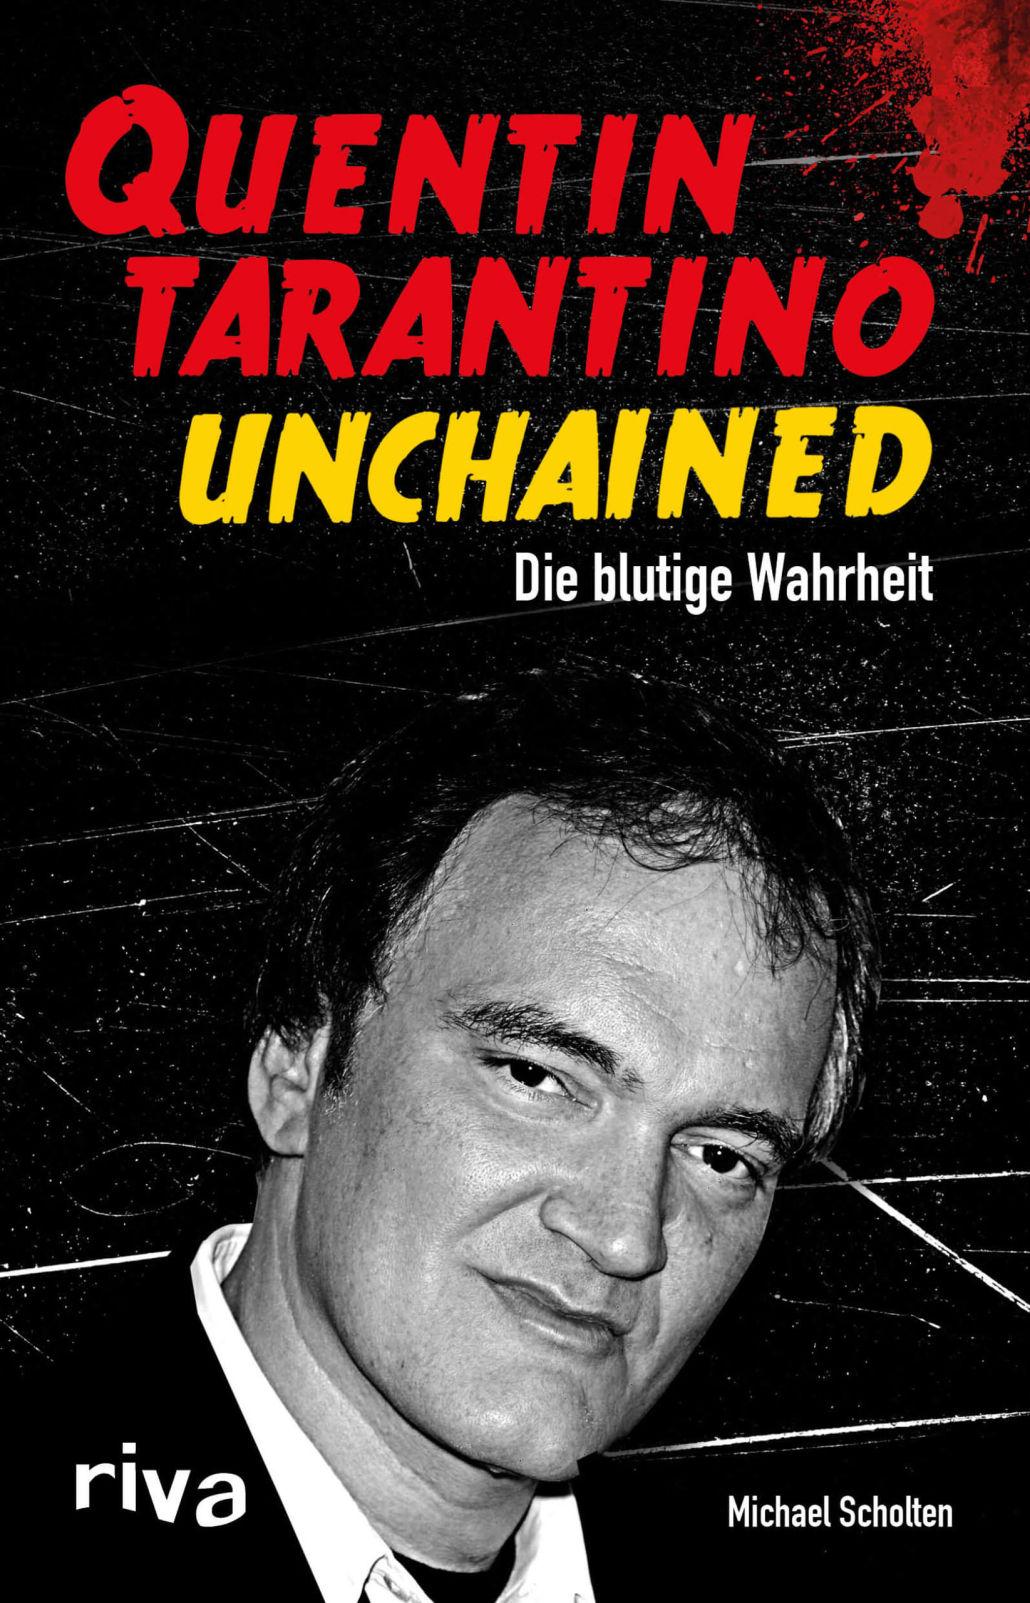 """""""Unchained: die blutige Wahrheit"""" – neue Biographie zu Tarantino"""